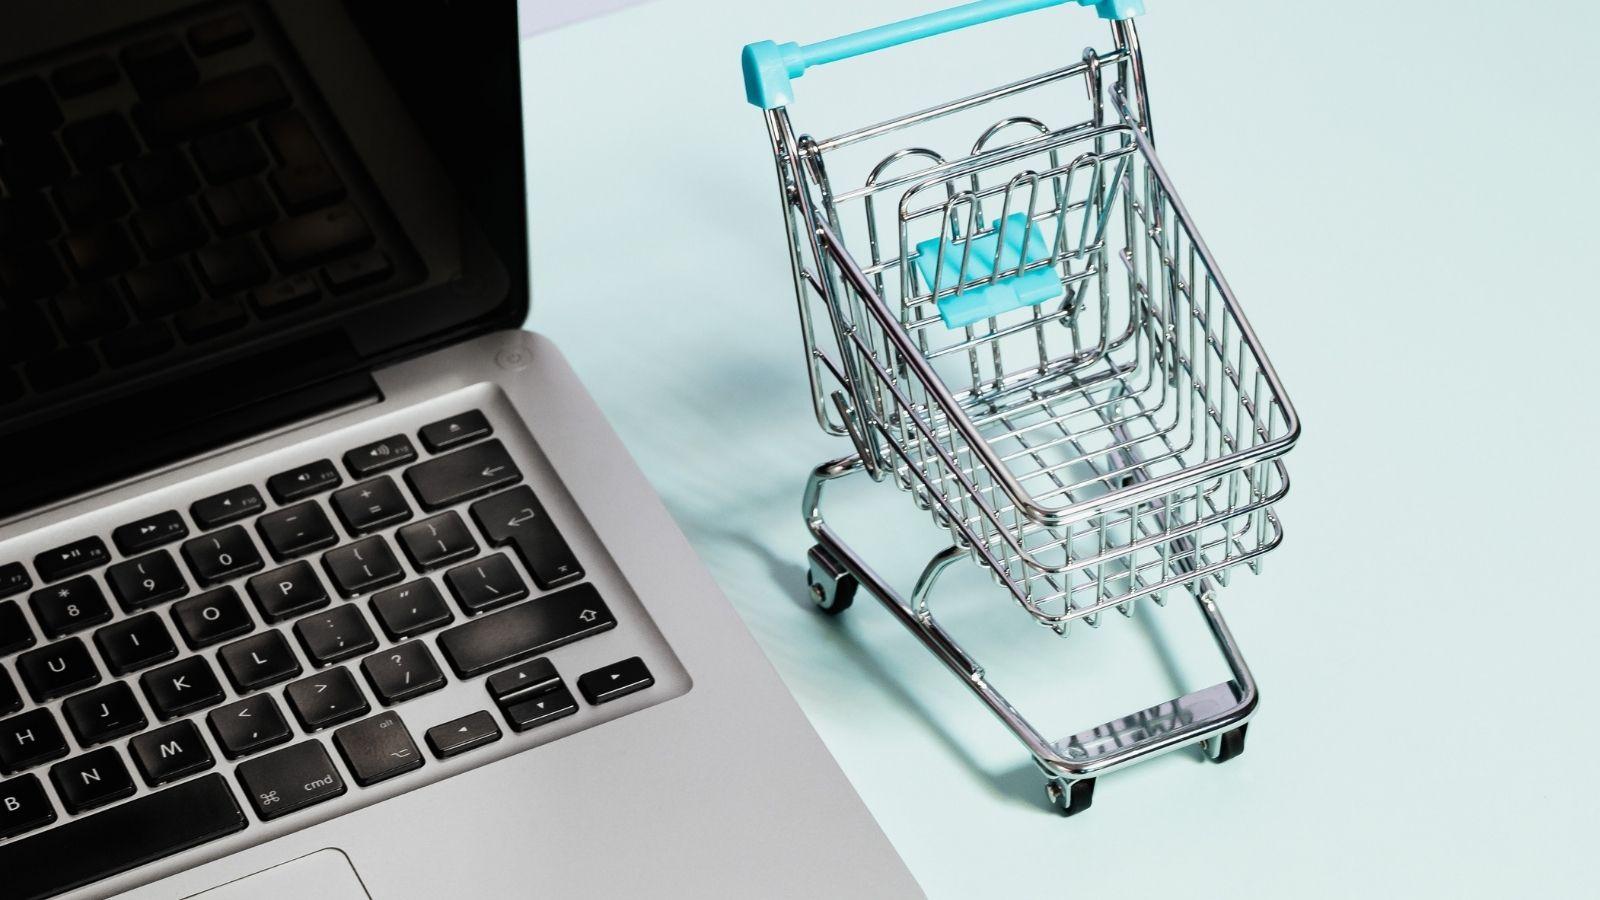 BADANIE: Czy sprzedaż bezpośrednia na stałe zagości w świecie online? Trendy mediarun e sklep